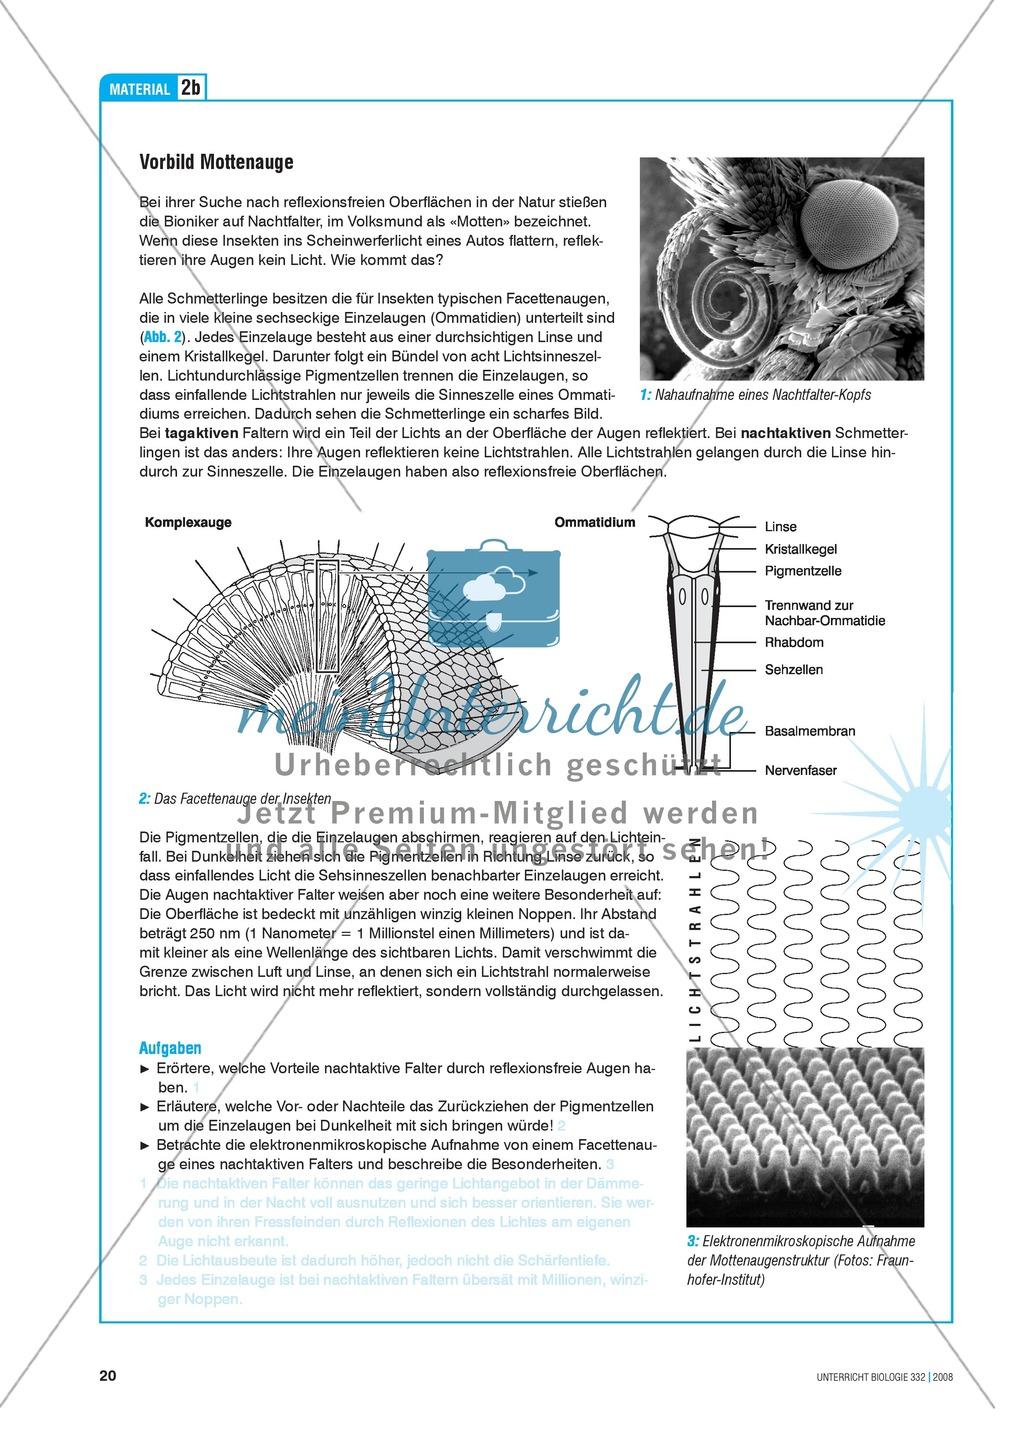 Bionik: Entspiegelung nach dem Prinzip der Motte - Info-Text und Aufgaben Preview 3